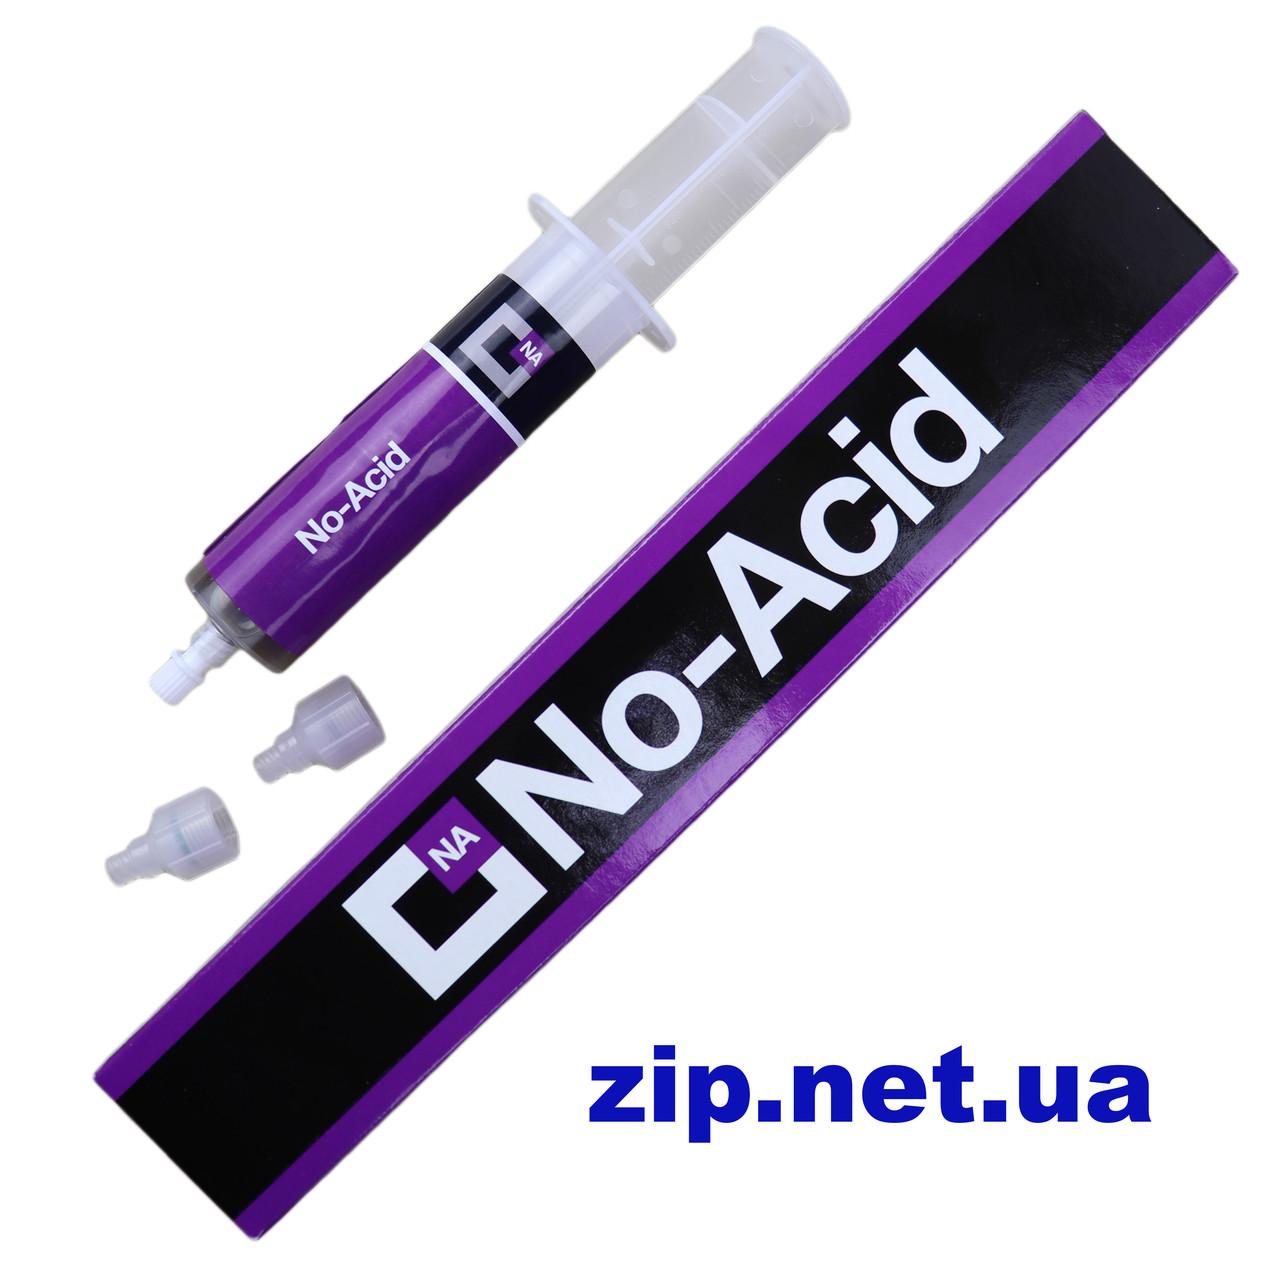 Нейтрализатор кислоты для холодильников, кондиционеров. No-Acid 30 мл. + 2 адаптера. Errecom, Италия